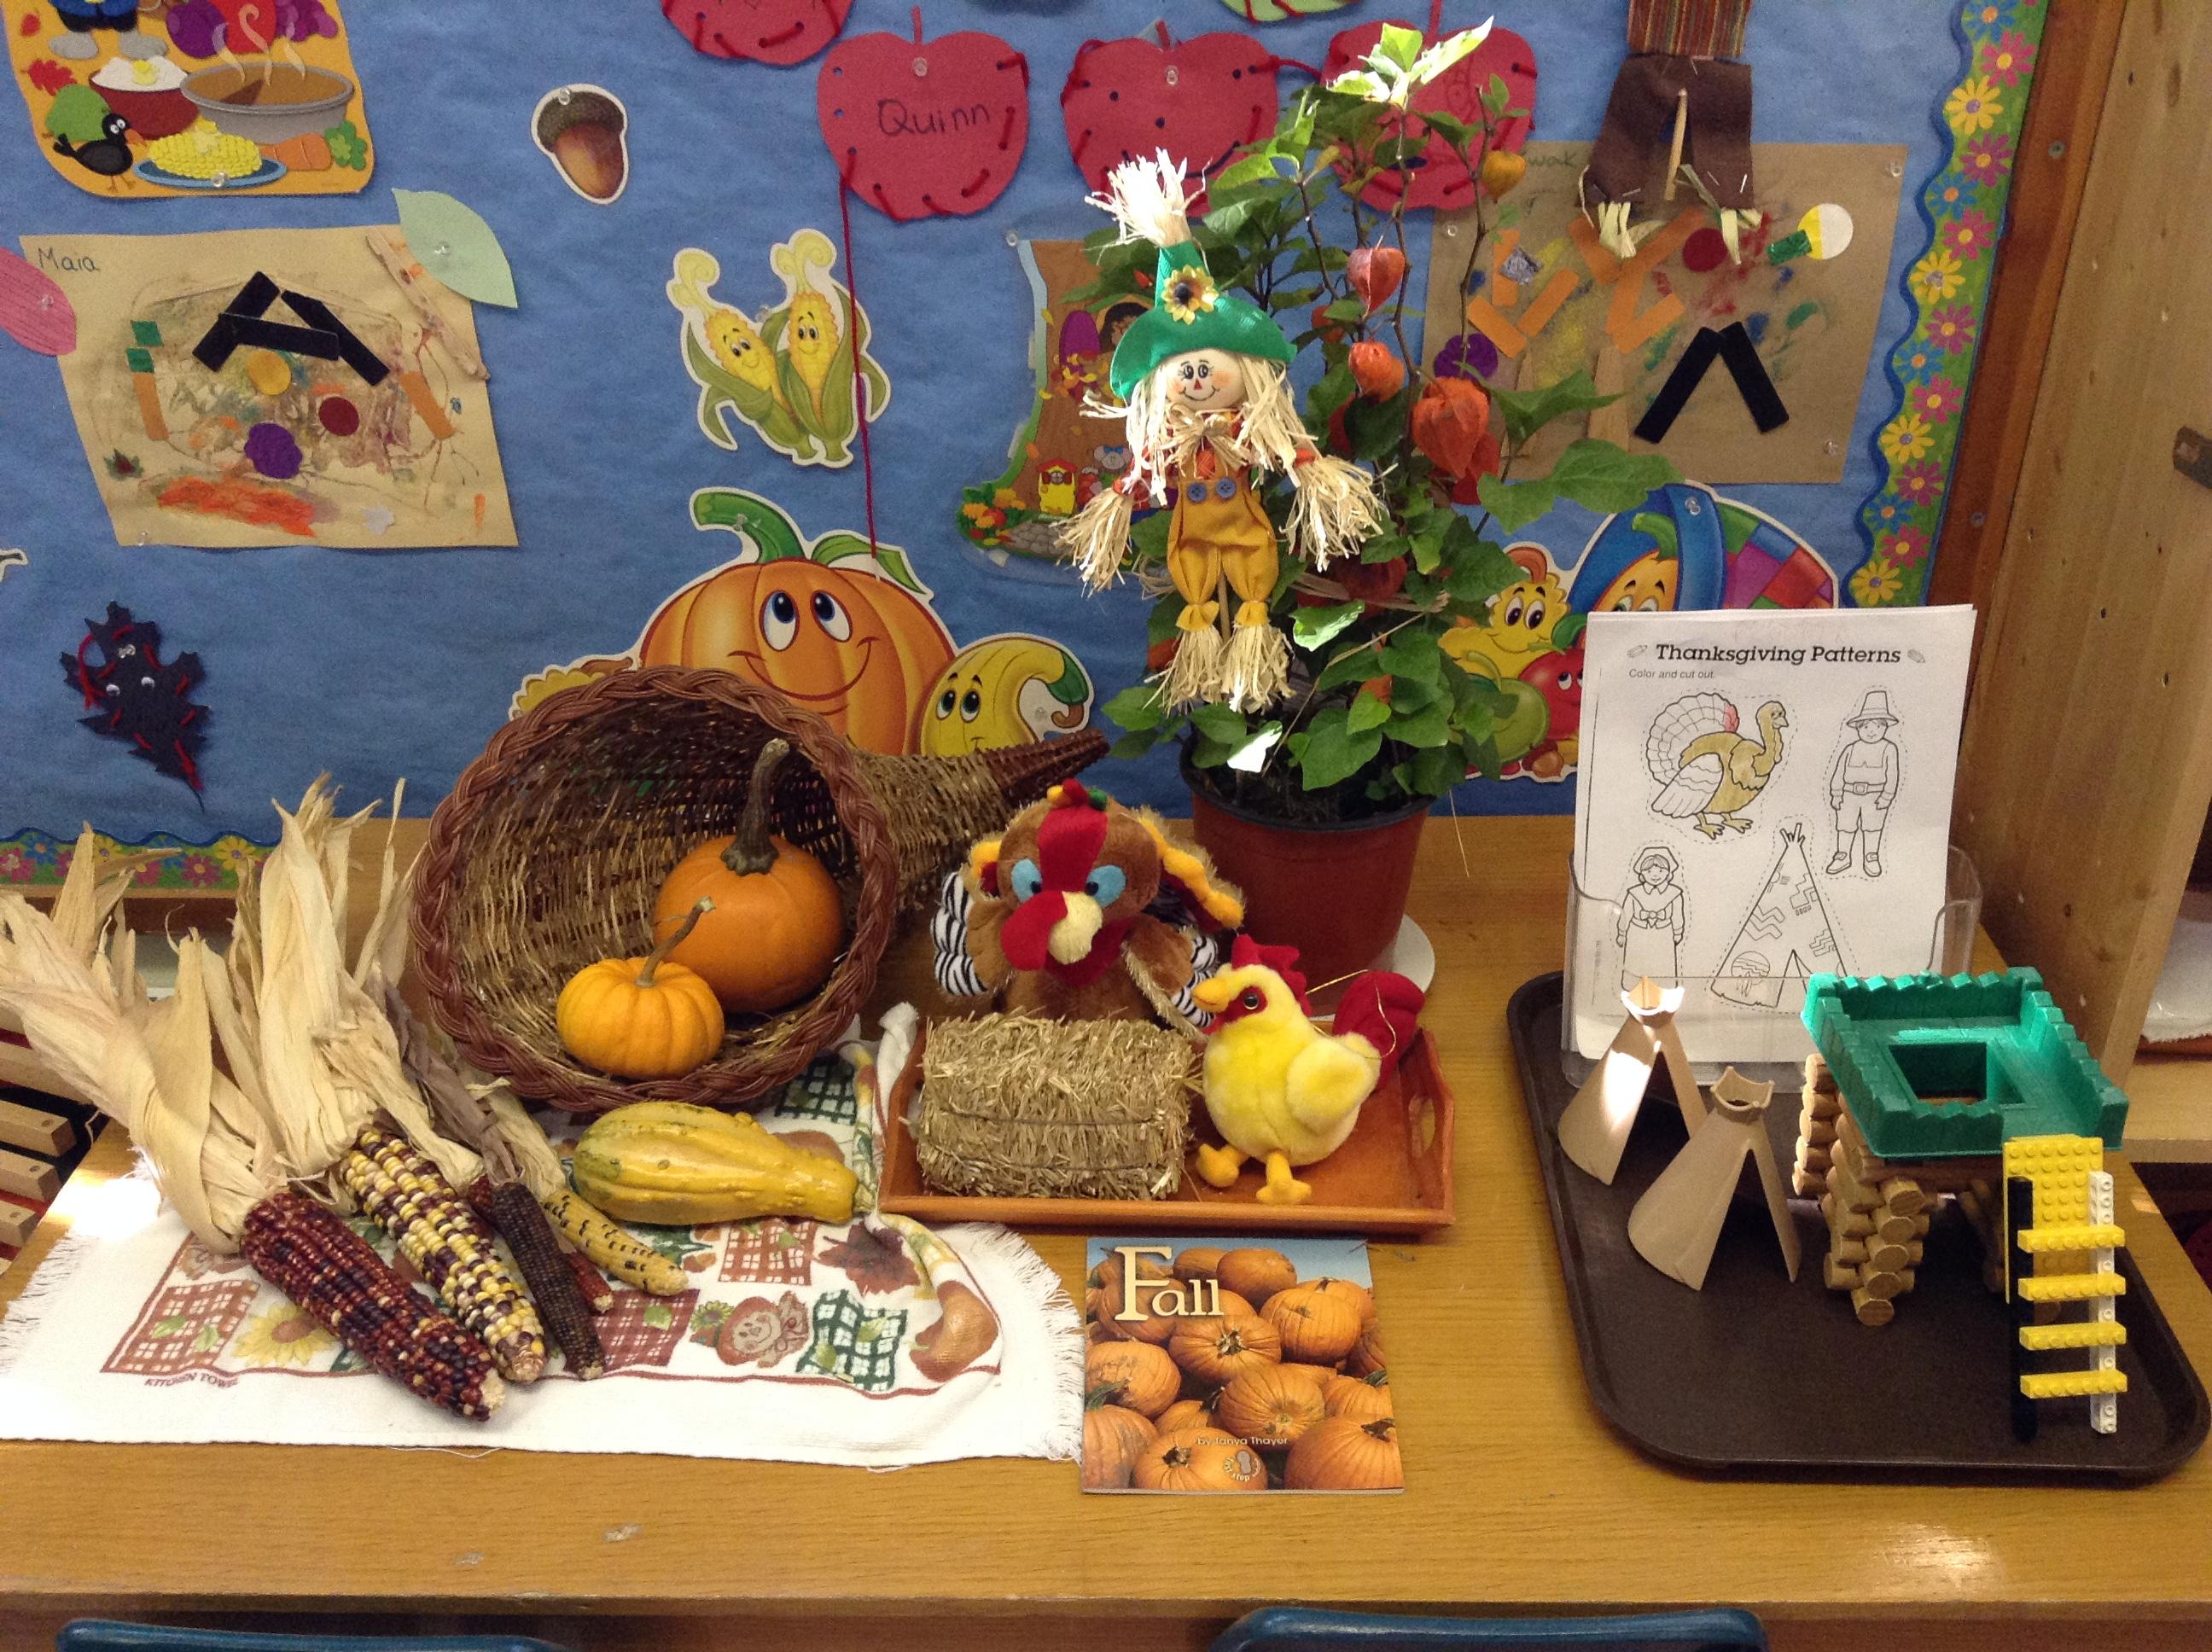 Thanksgiving Day 海外保育ボランティアで知る北米ならではの文化